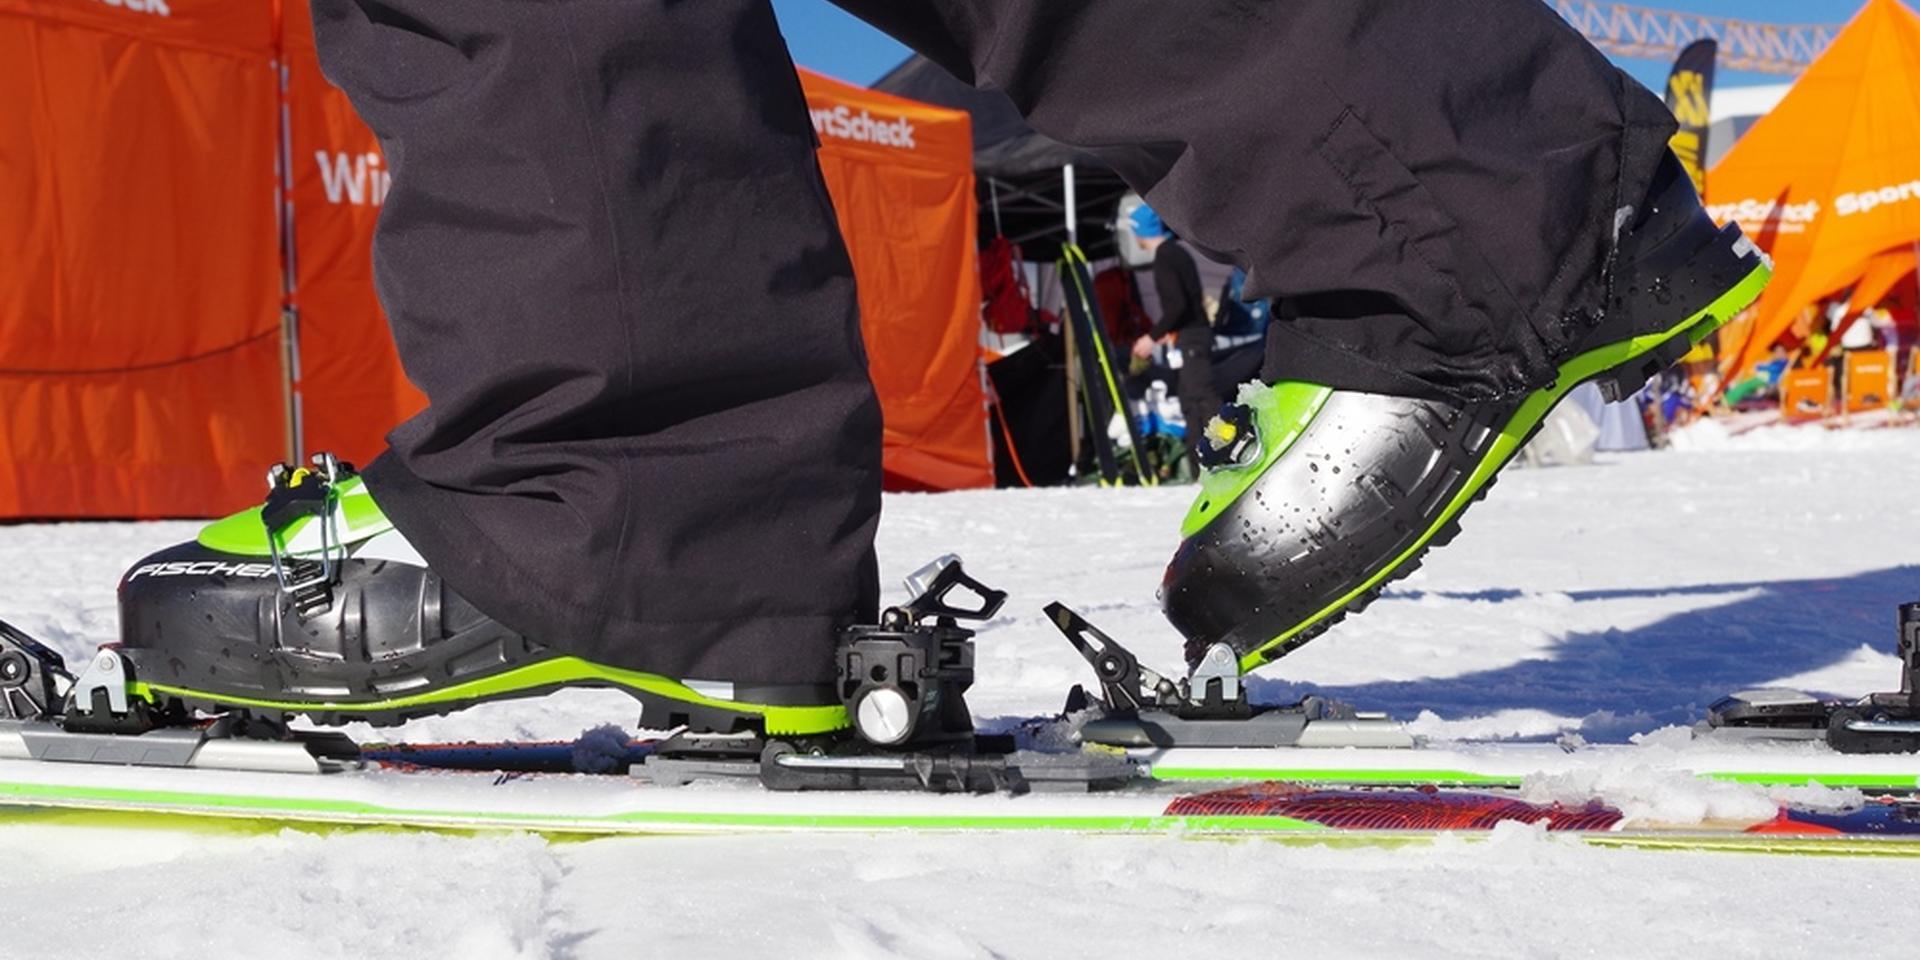 Tourenskier ausgerüstet mit Fischer Profoil Skitourenfellen an den Füssen von einem Skifahrer.